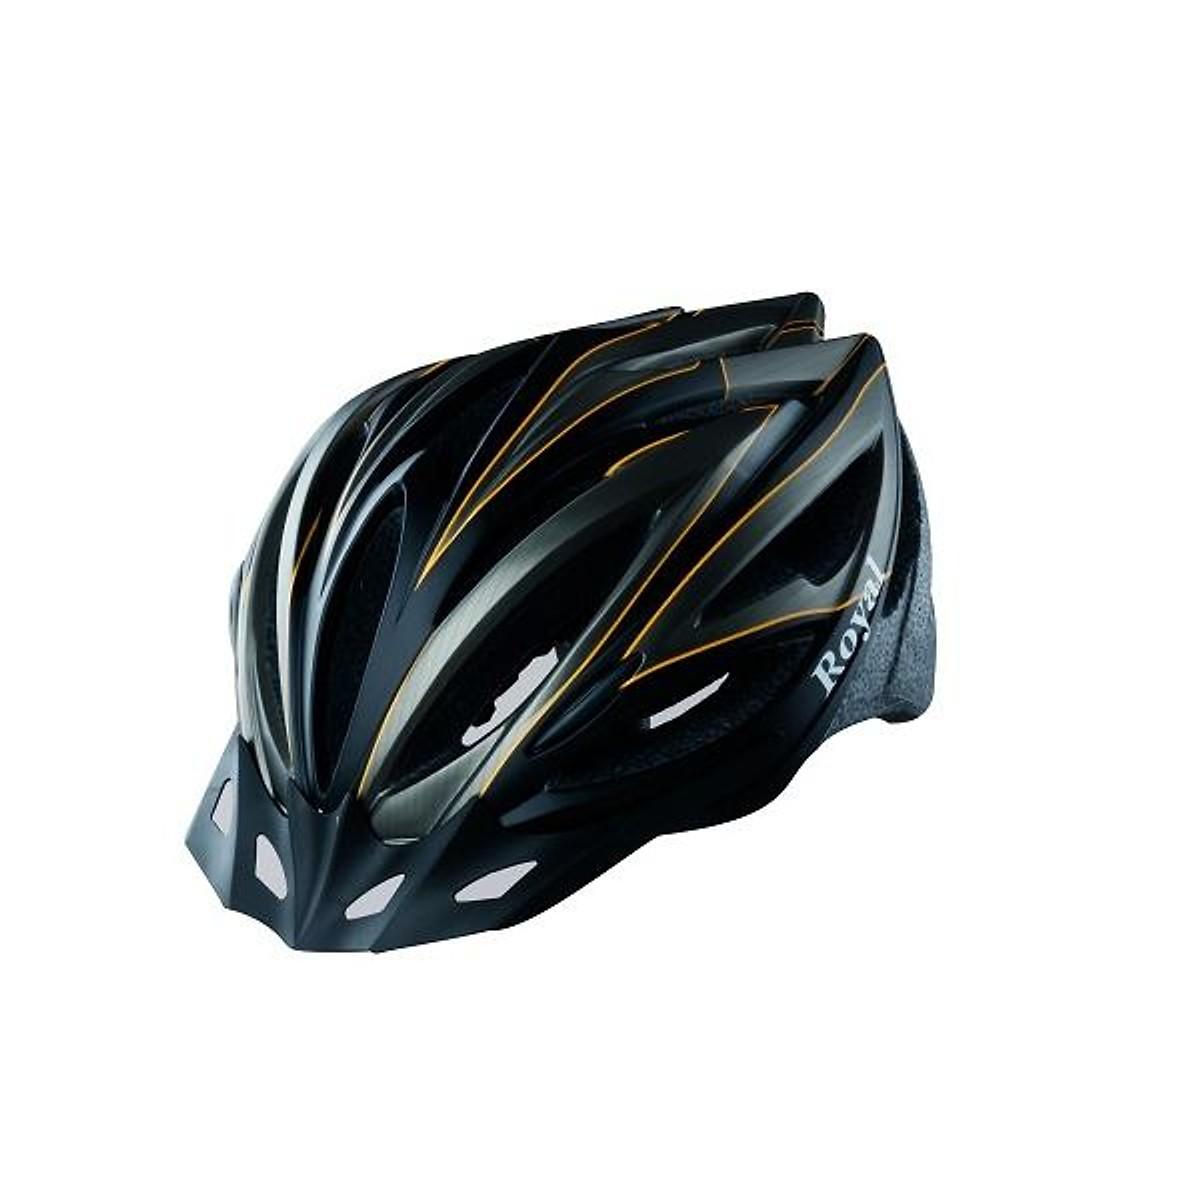 Mũ bảo hiểm xe đạp M26-2 mẫu mới